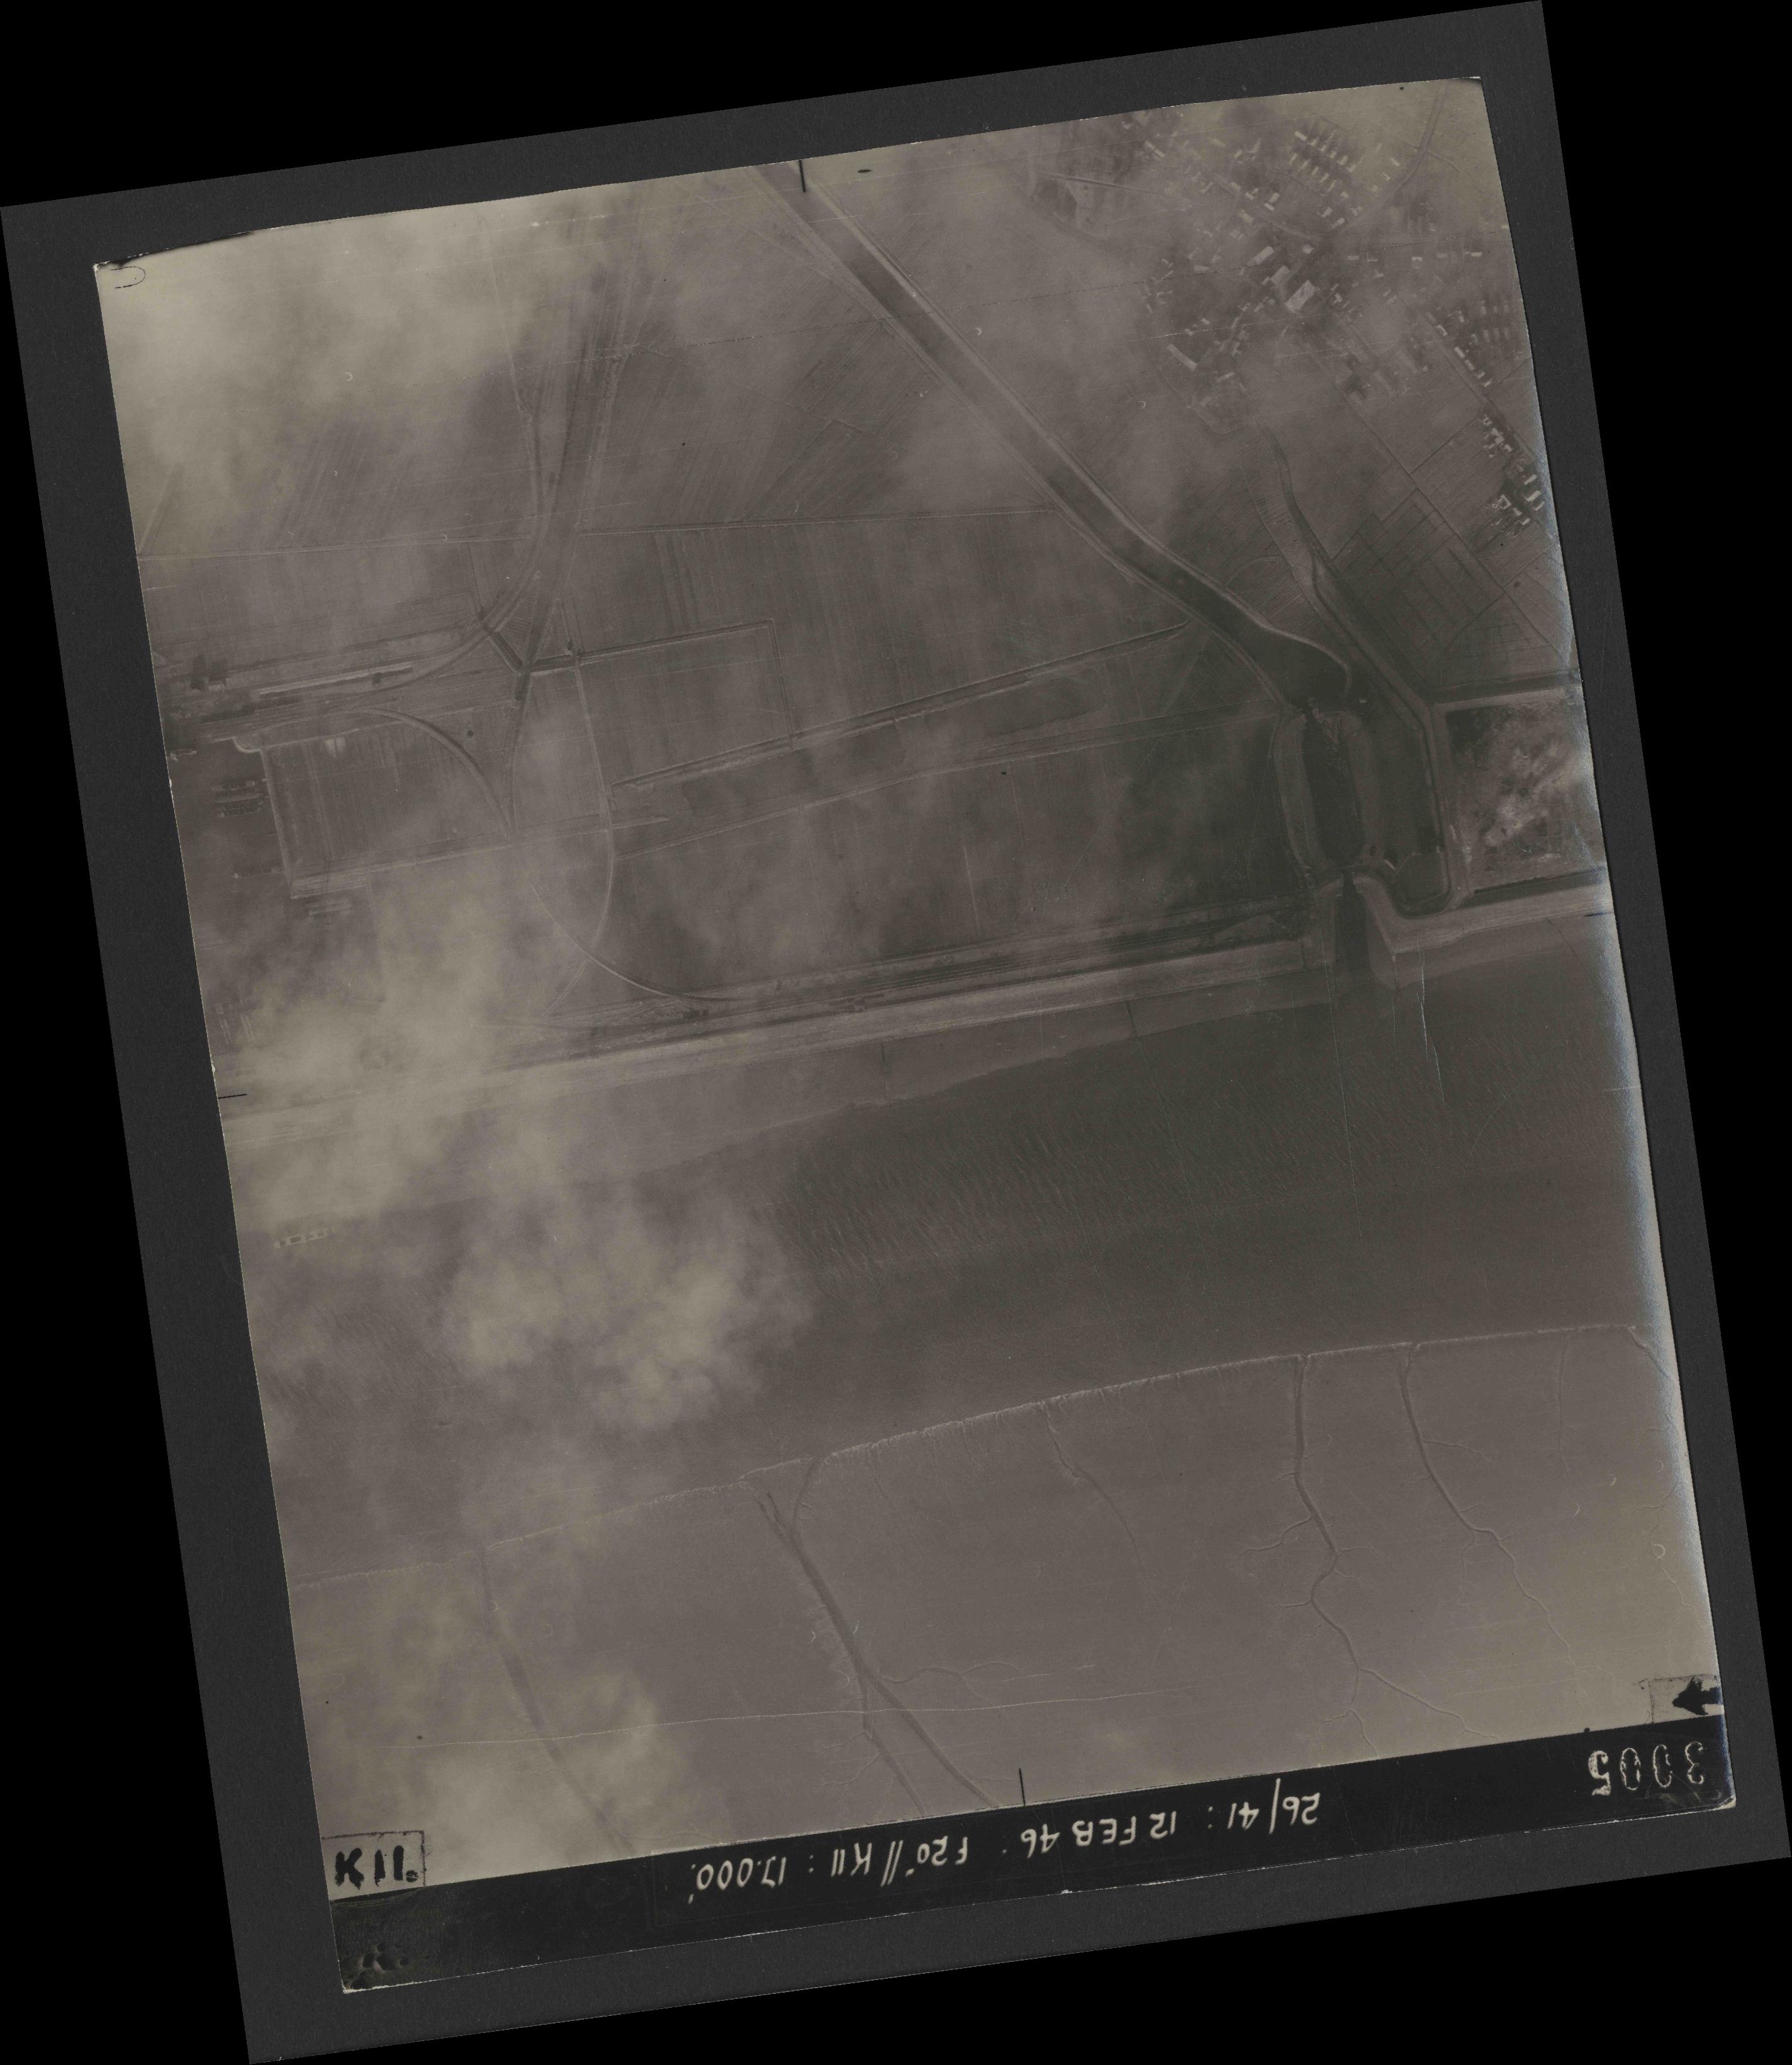 Collection RAF aerial photos 1940-1945 - flight 212, run 04, photo 3005